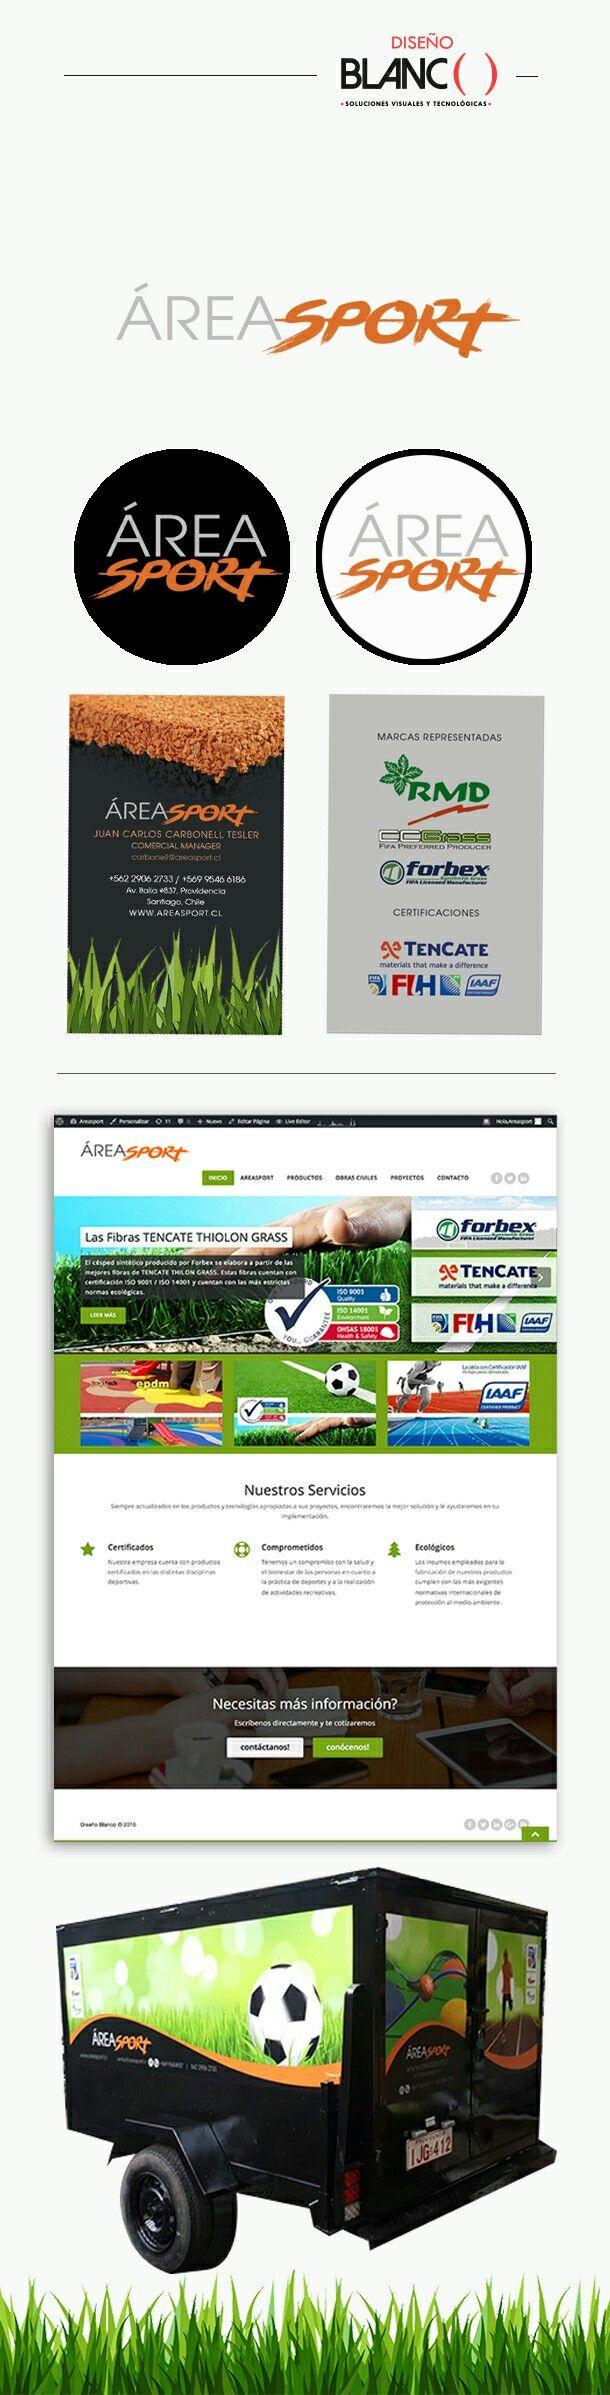 Imagen Corporativa y Web para AreaSport por Diseño Blanco